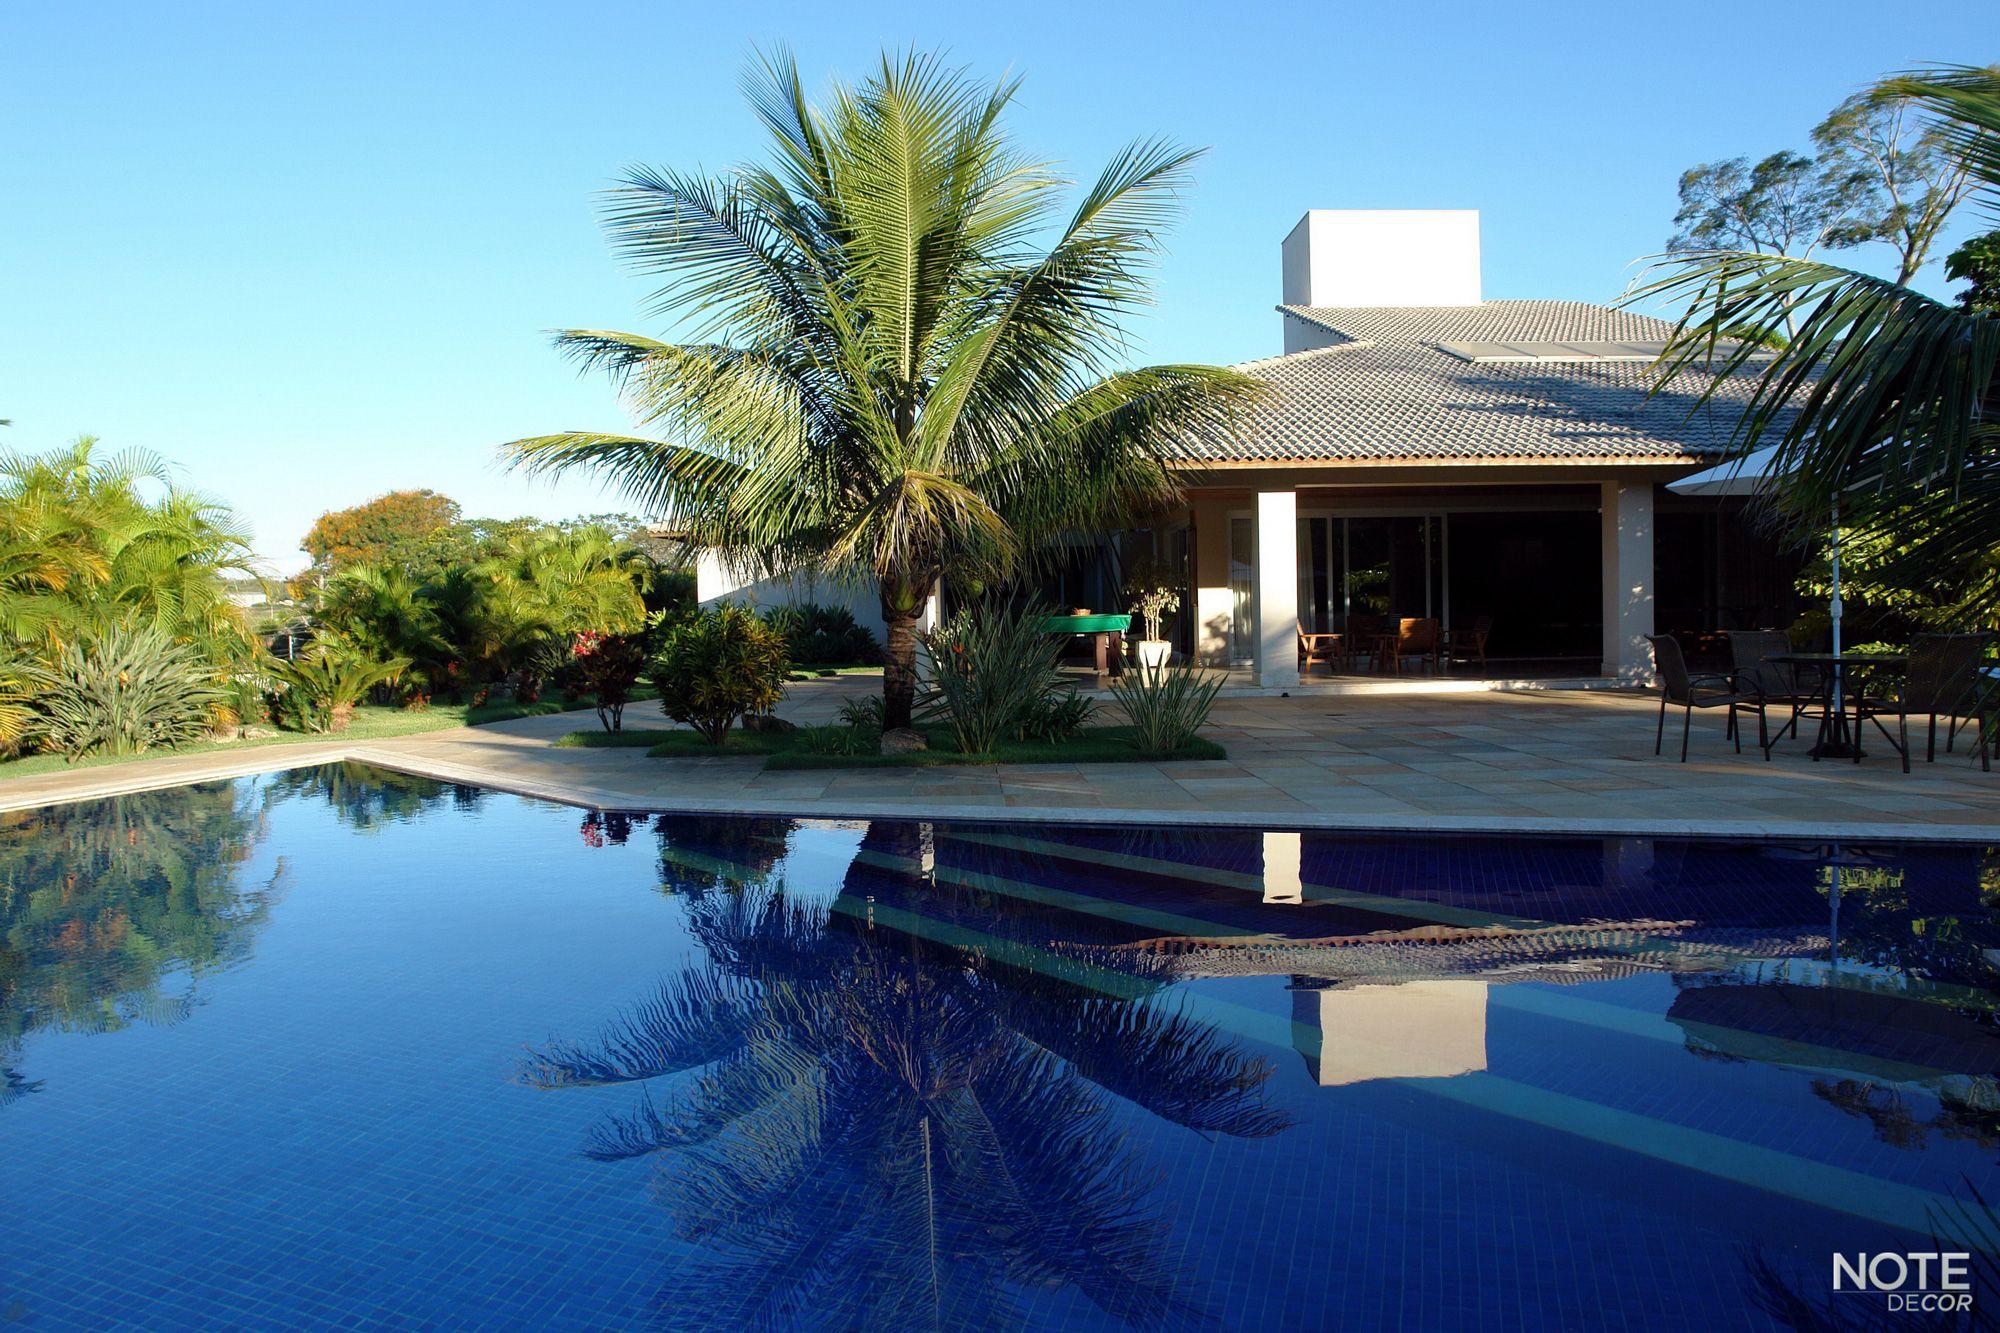 Áreas externas são um convite para desfrutar momentos de relaxamento e tranquilidade.